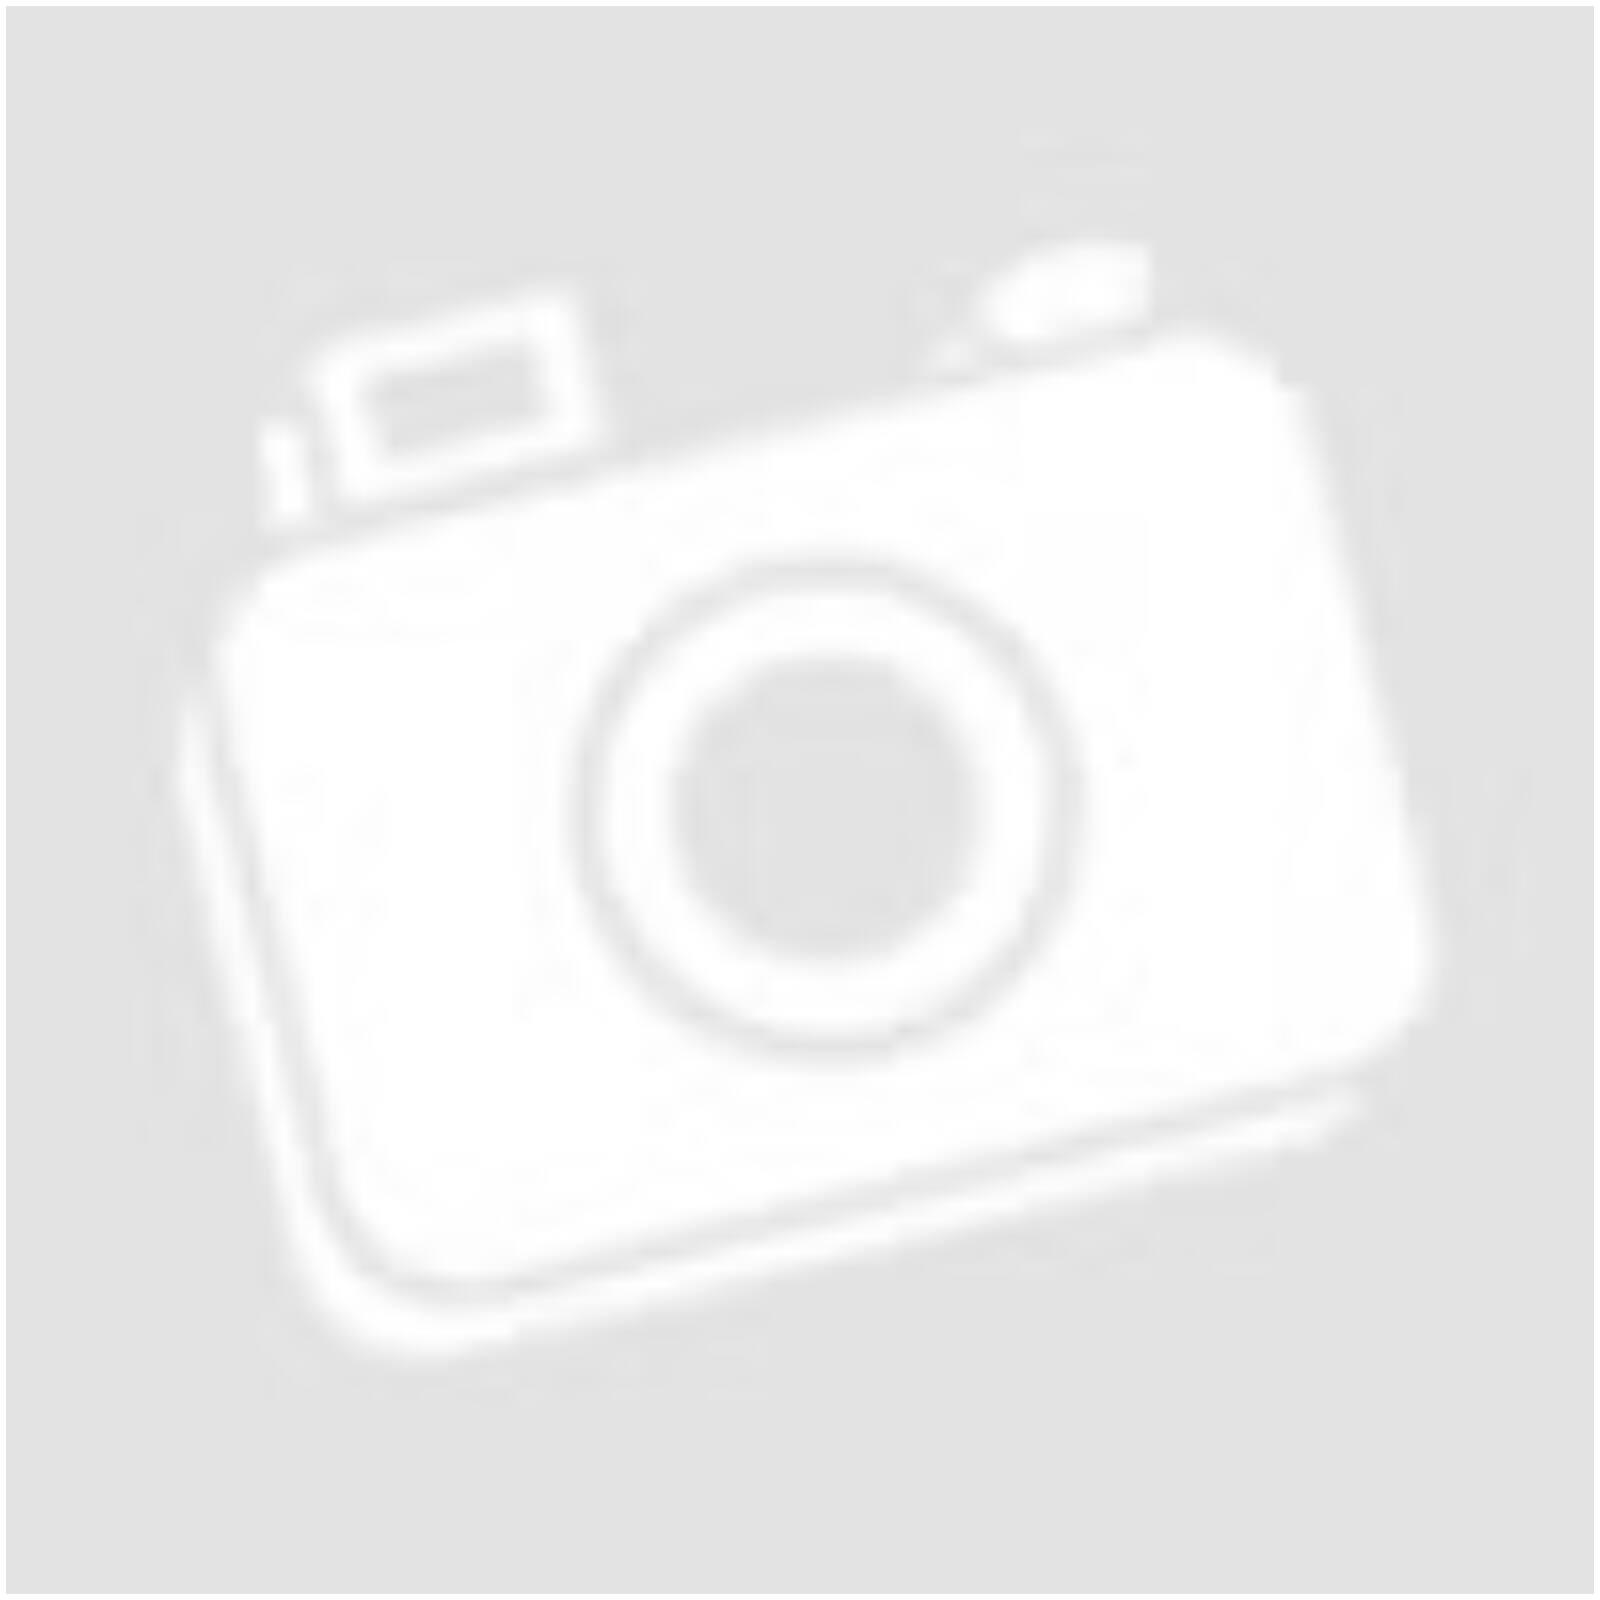 Ajakrúzs Push type Metal CC:011-CC:015 2,2g